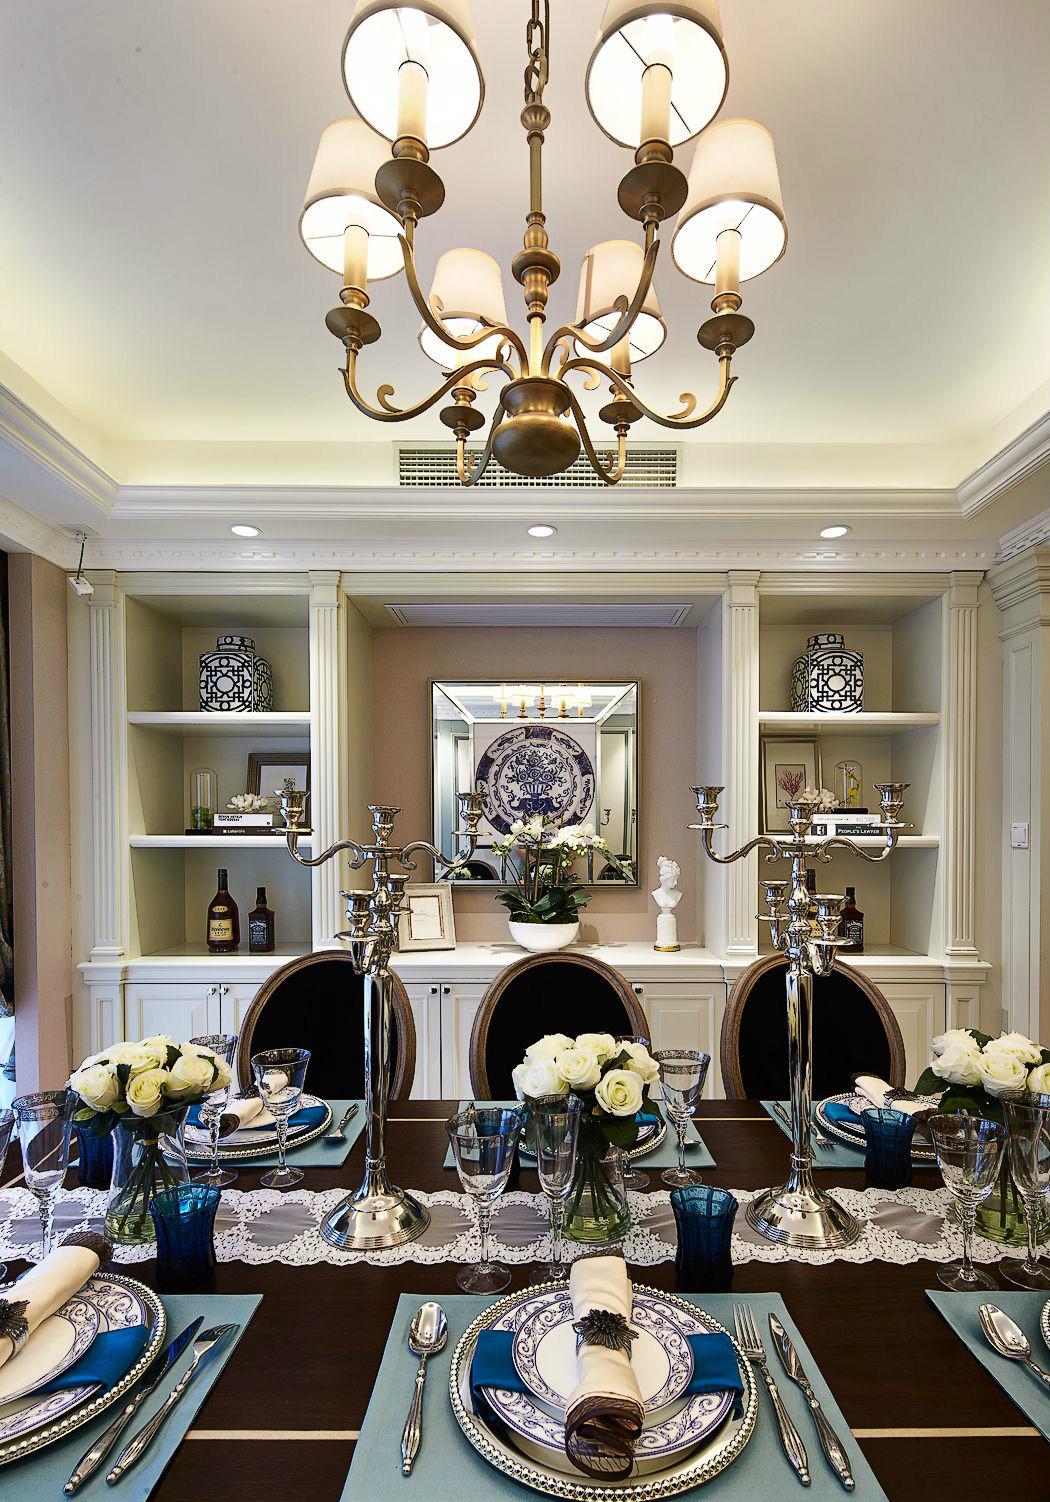 餐廳棕色質感的餐桌在吊燈柔和燈光的照耀下,顯得更精致;嵌入式餐邊柜給餐廳帶來了收納與展示的功能。